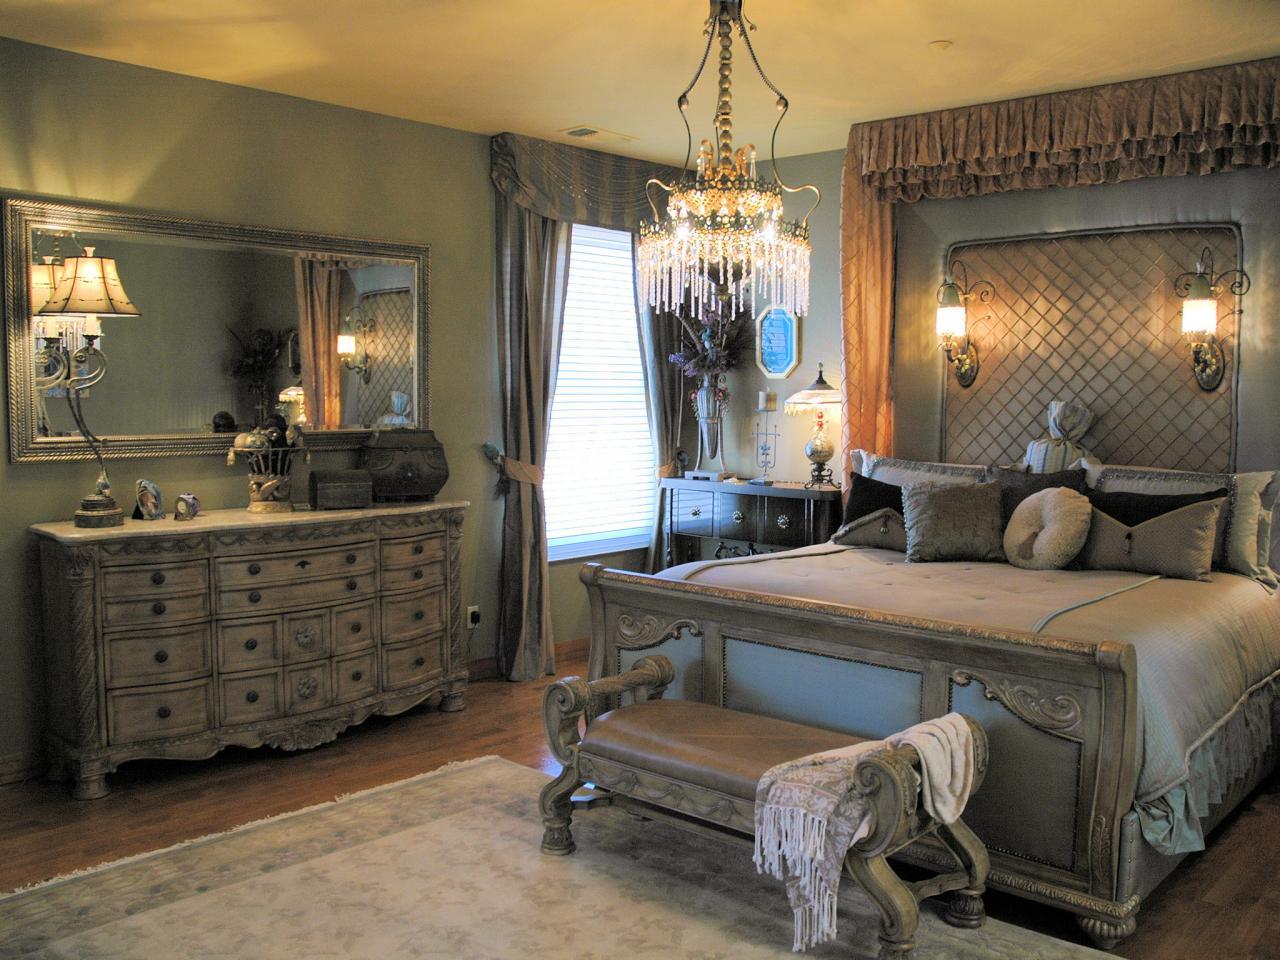 Kamar tidur romantis bernuansa klasik dengan lampu gantung kristal // HGTV.com